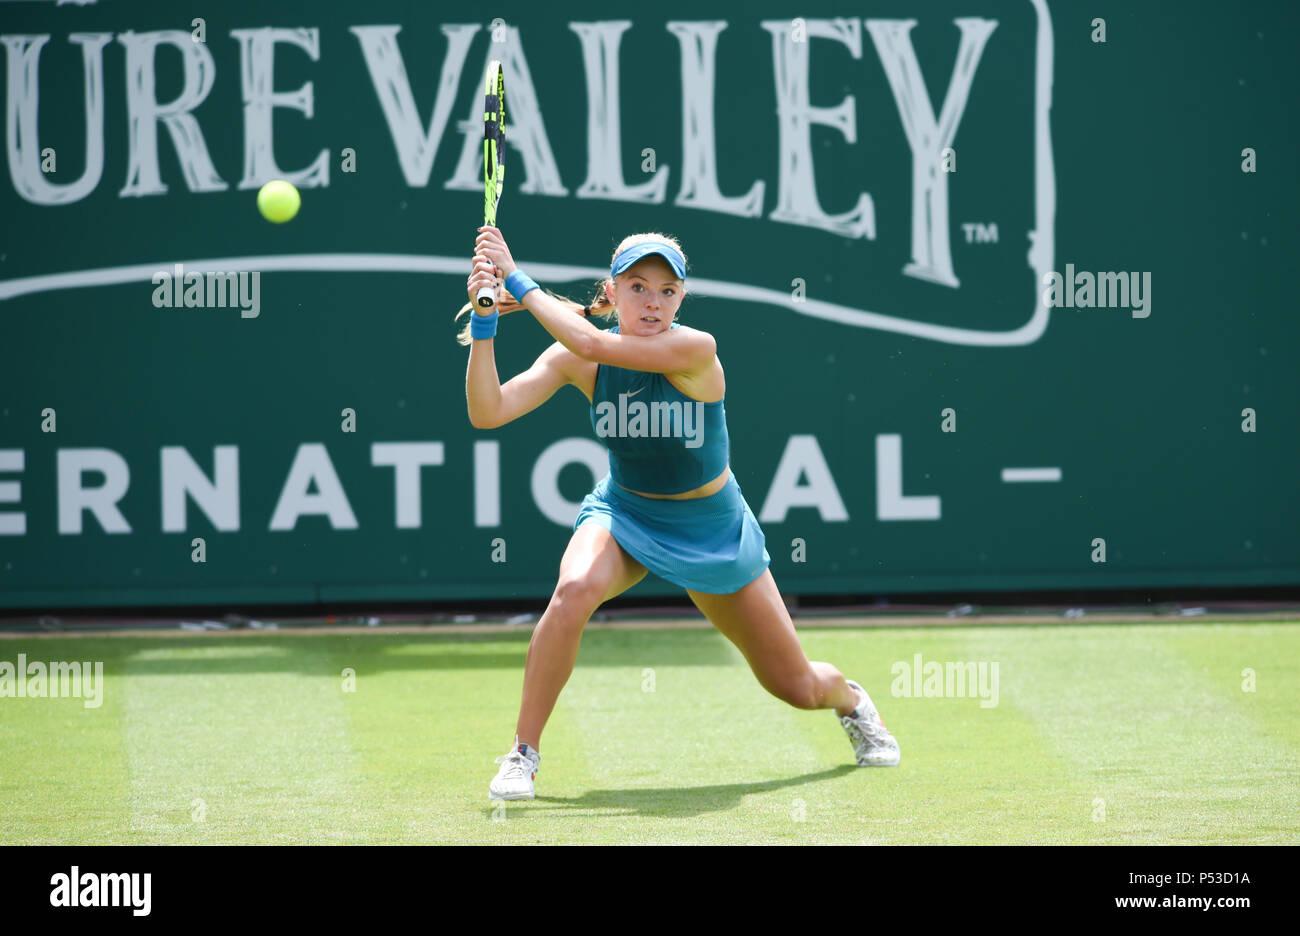 Katie Swan de Gran Bretaña juega un disparo en su primera ronda partido contra Danielle Collins de EE.UU. durante el torneo de tenis internacional Nature Valley en Devonshire Park en Eastbourne East Sussex, Reino Unido. El 24 de junio de 2018 Foto de stock